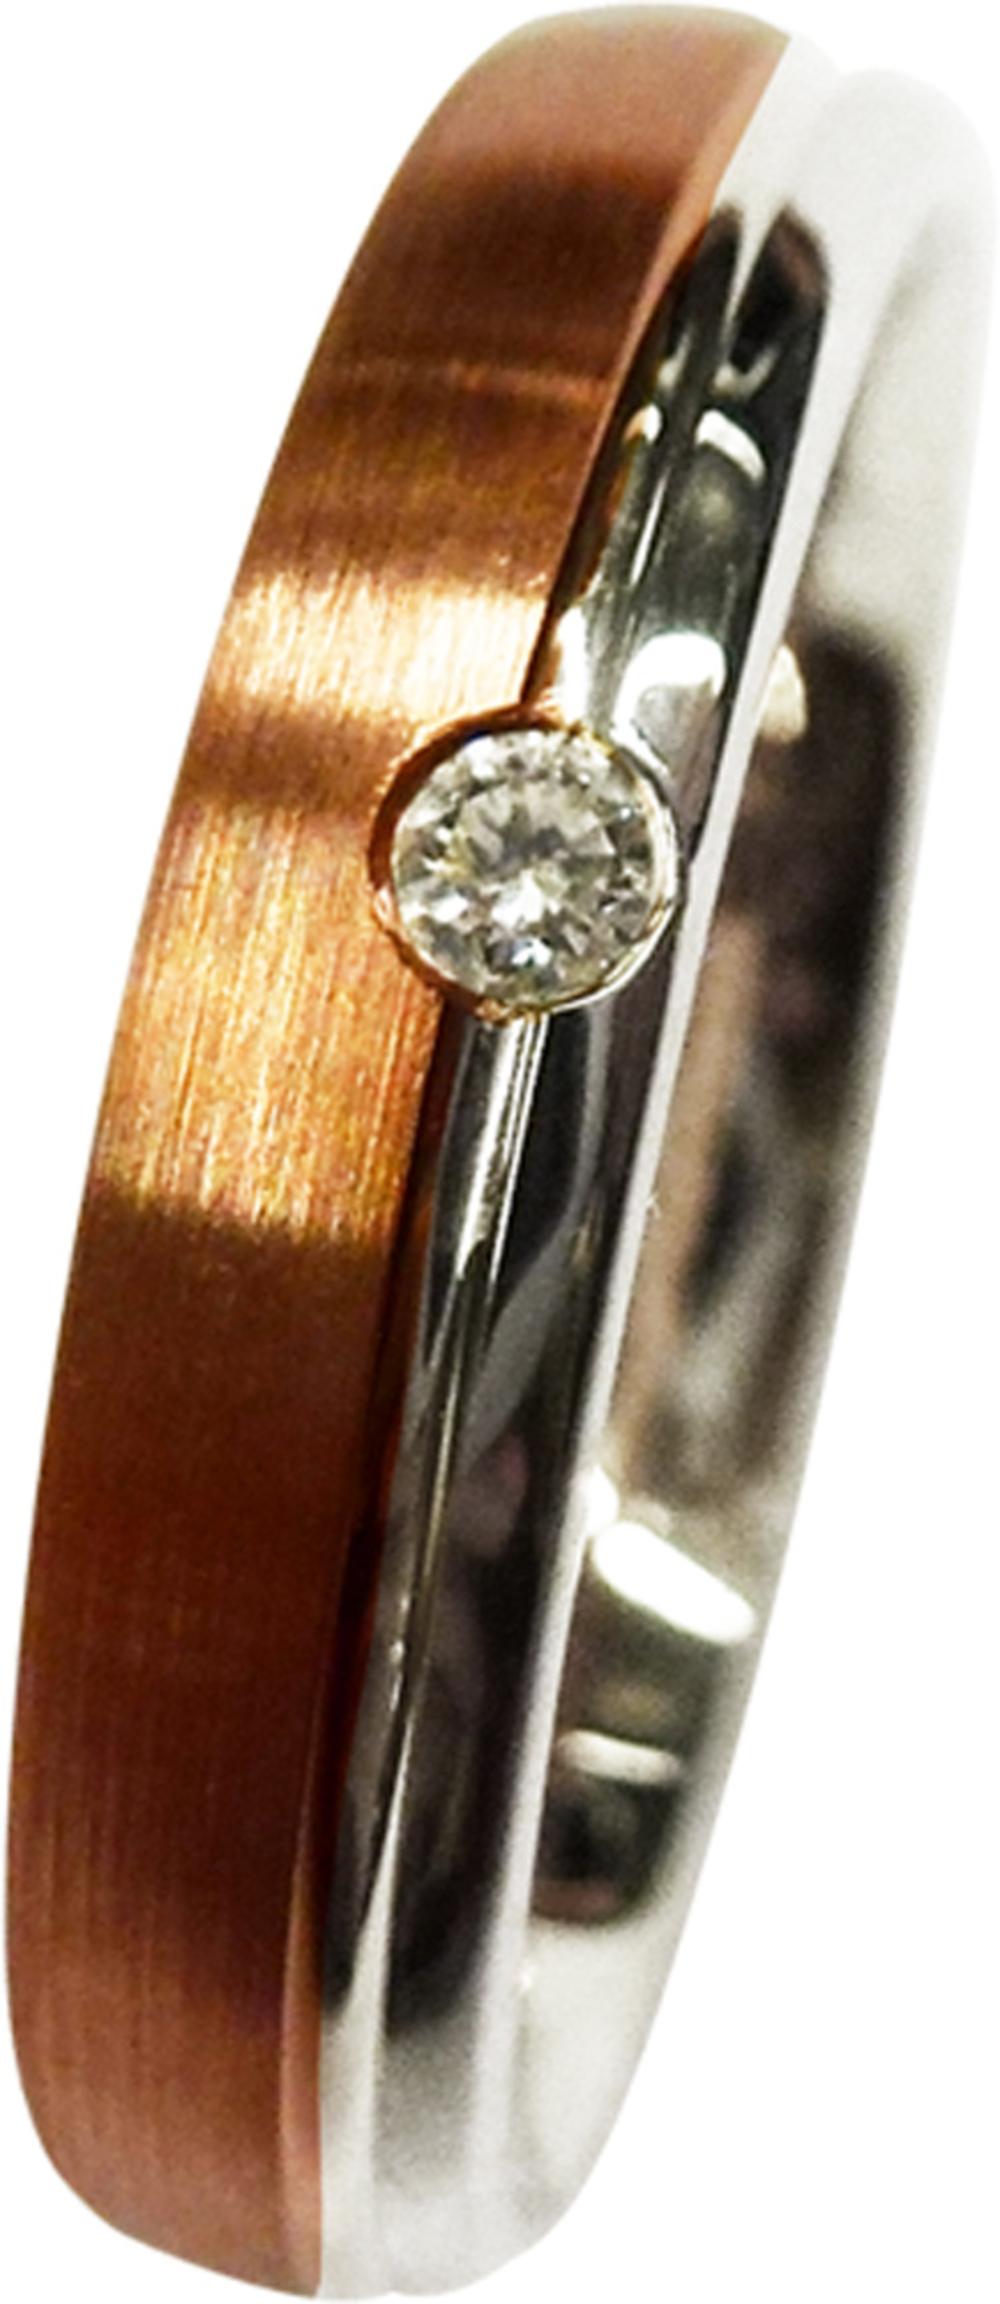 CH.ABRAMOWICZ Trauring/Ehering in Weissgold und Rotgold mit einem Brillant 100499700